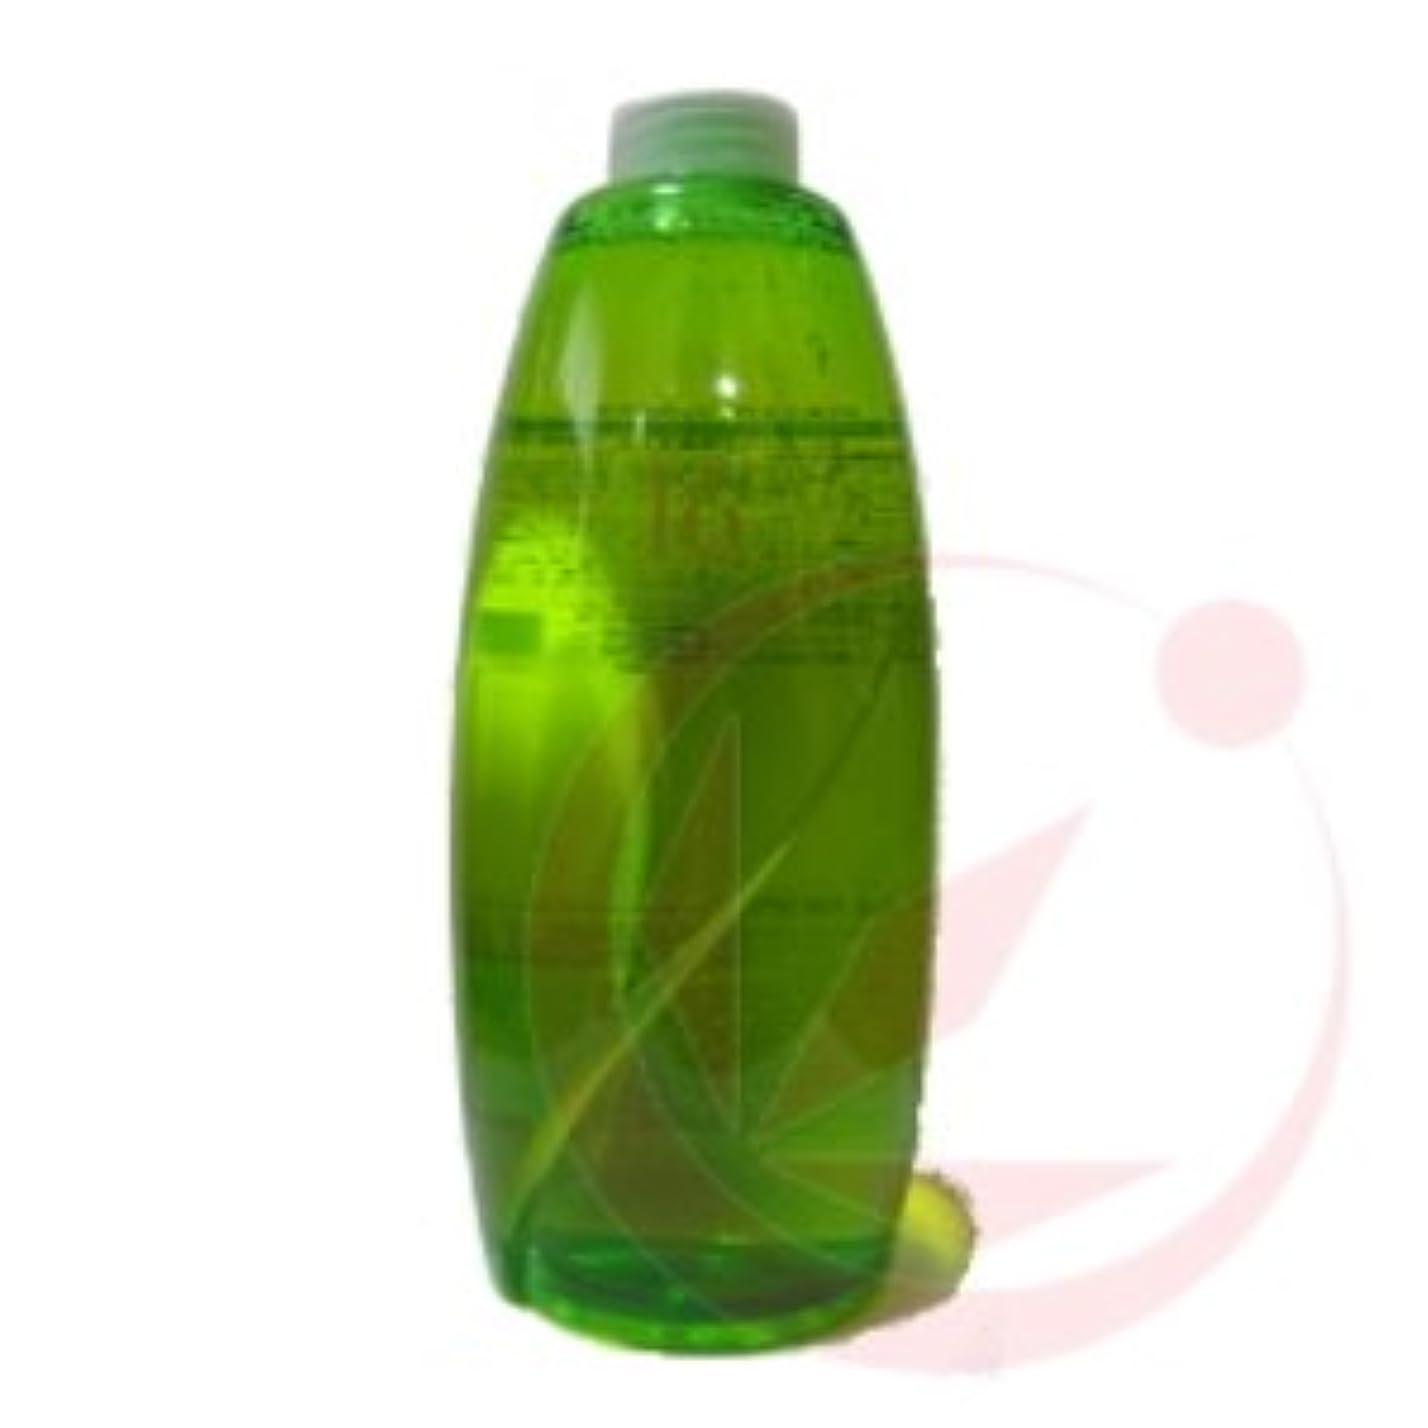 ほこりっぽい冒険家内なるハホニコ 十六油(じゅうろくゆ) 1000ml(業務・詰替用)【16油】